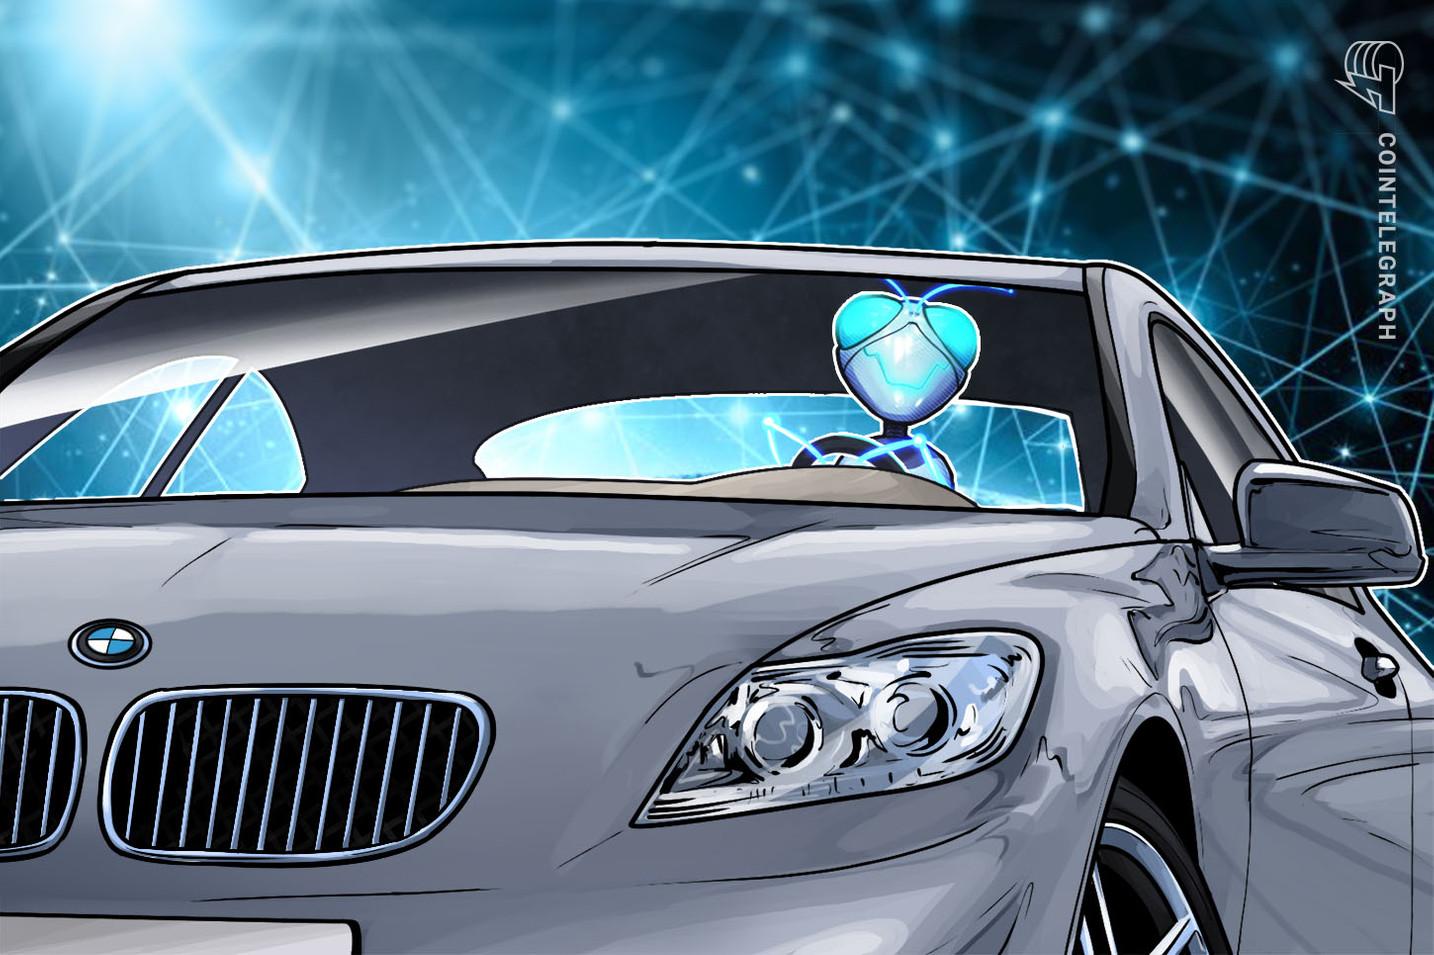 BMW Korea prueba un programa de recompensas impulsado por blockchain antes de su lanzamiento global